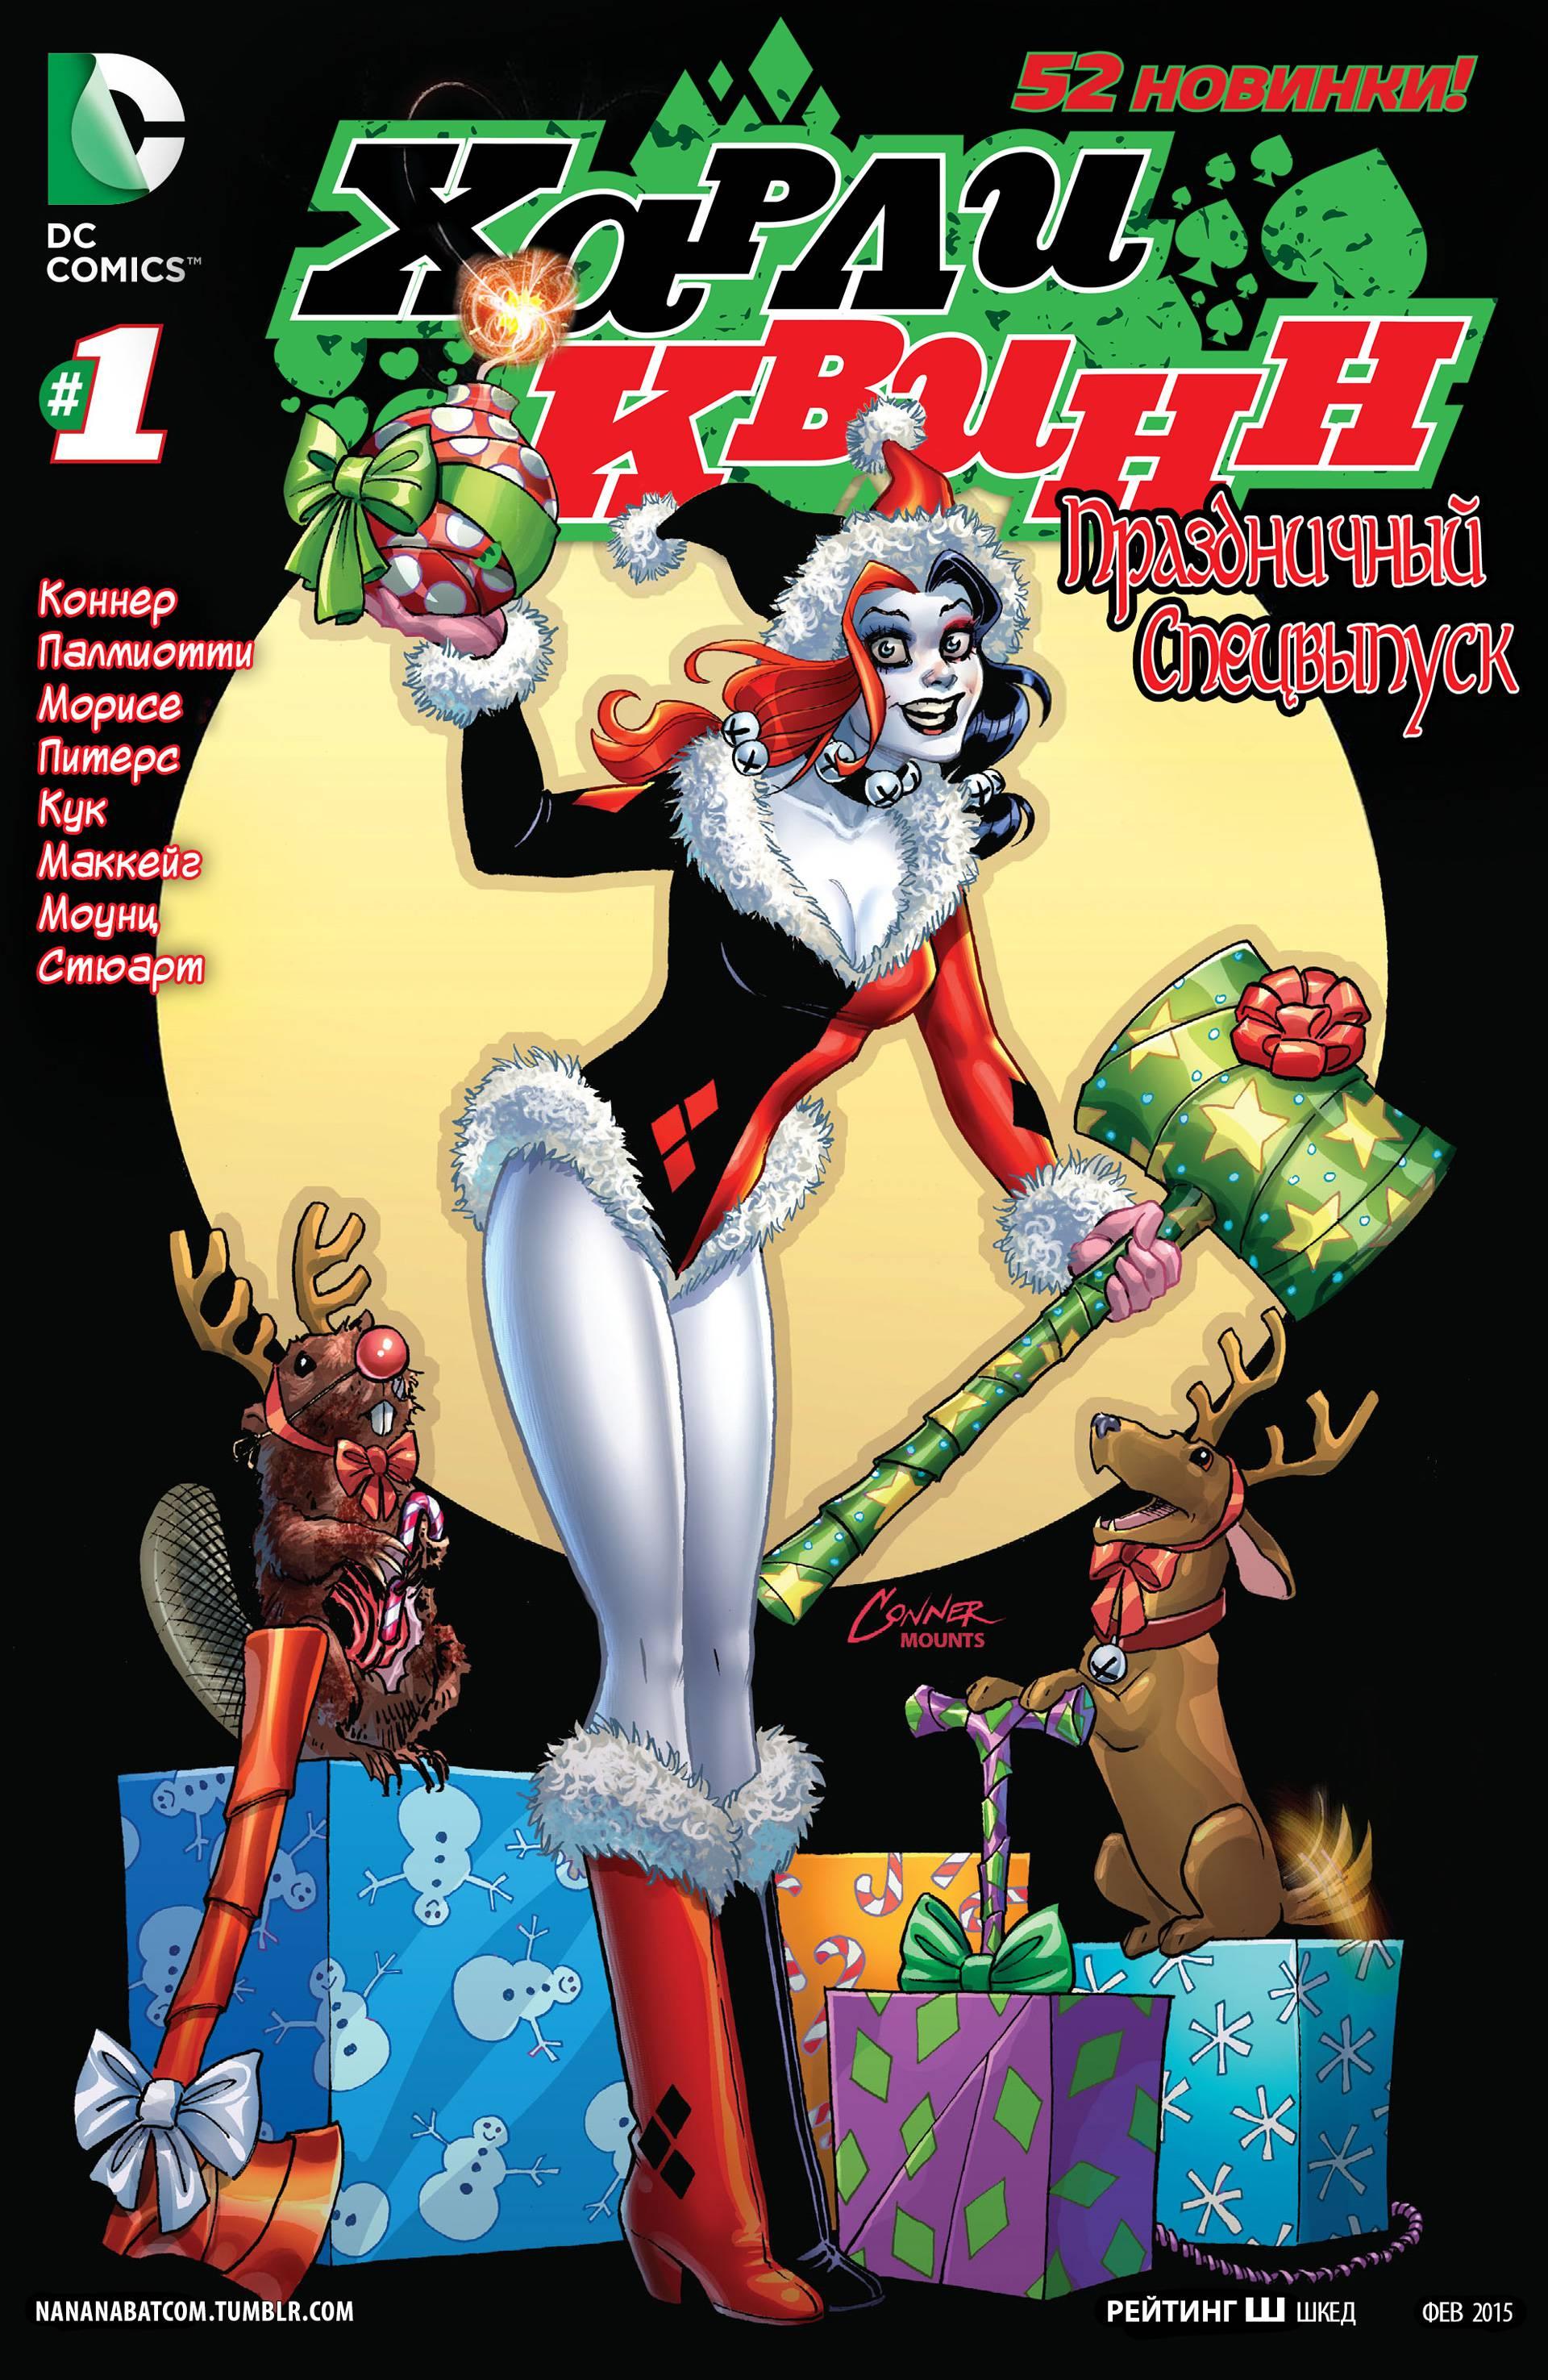 Харли Квинн: Праздничный Спецвыпуск онлайн